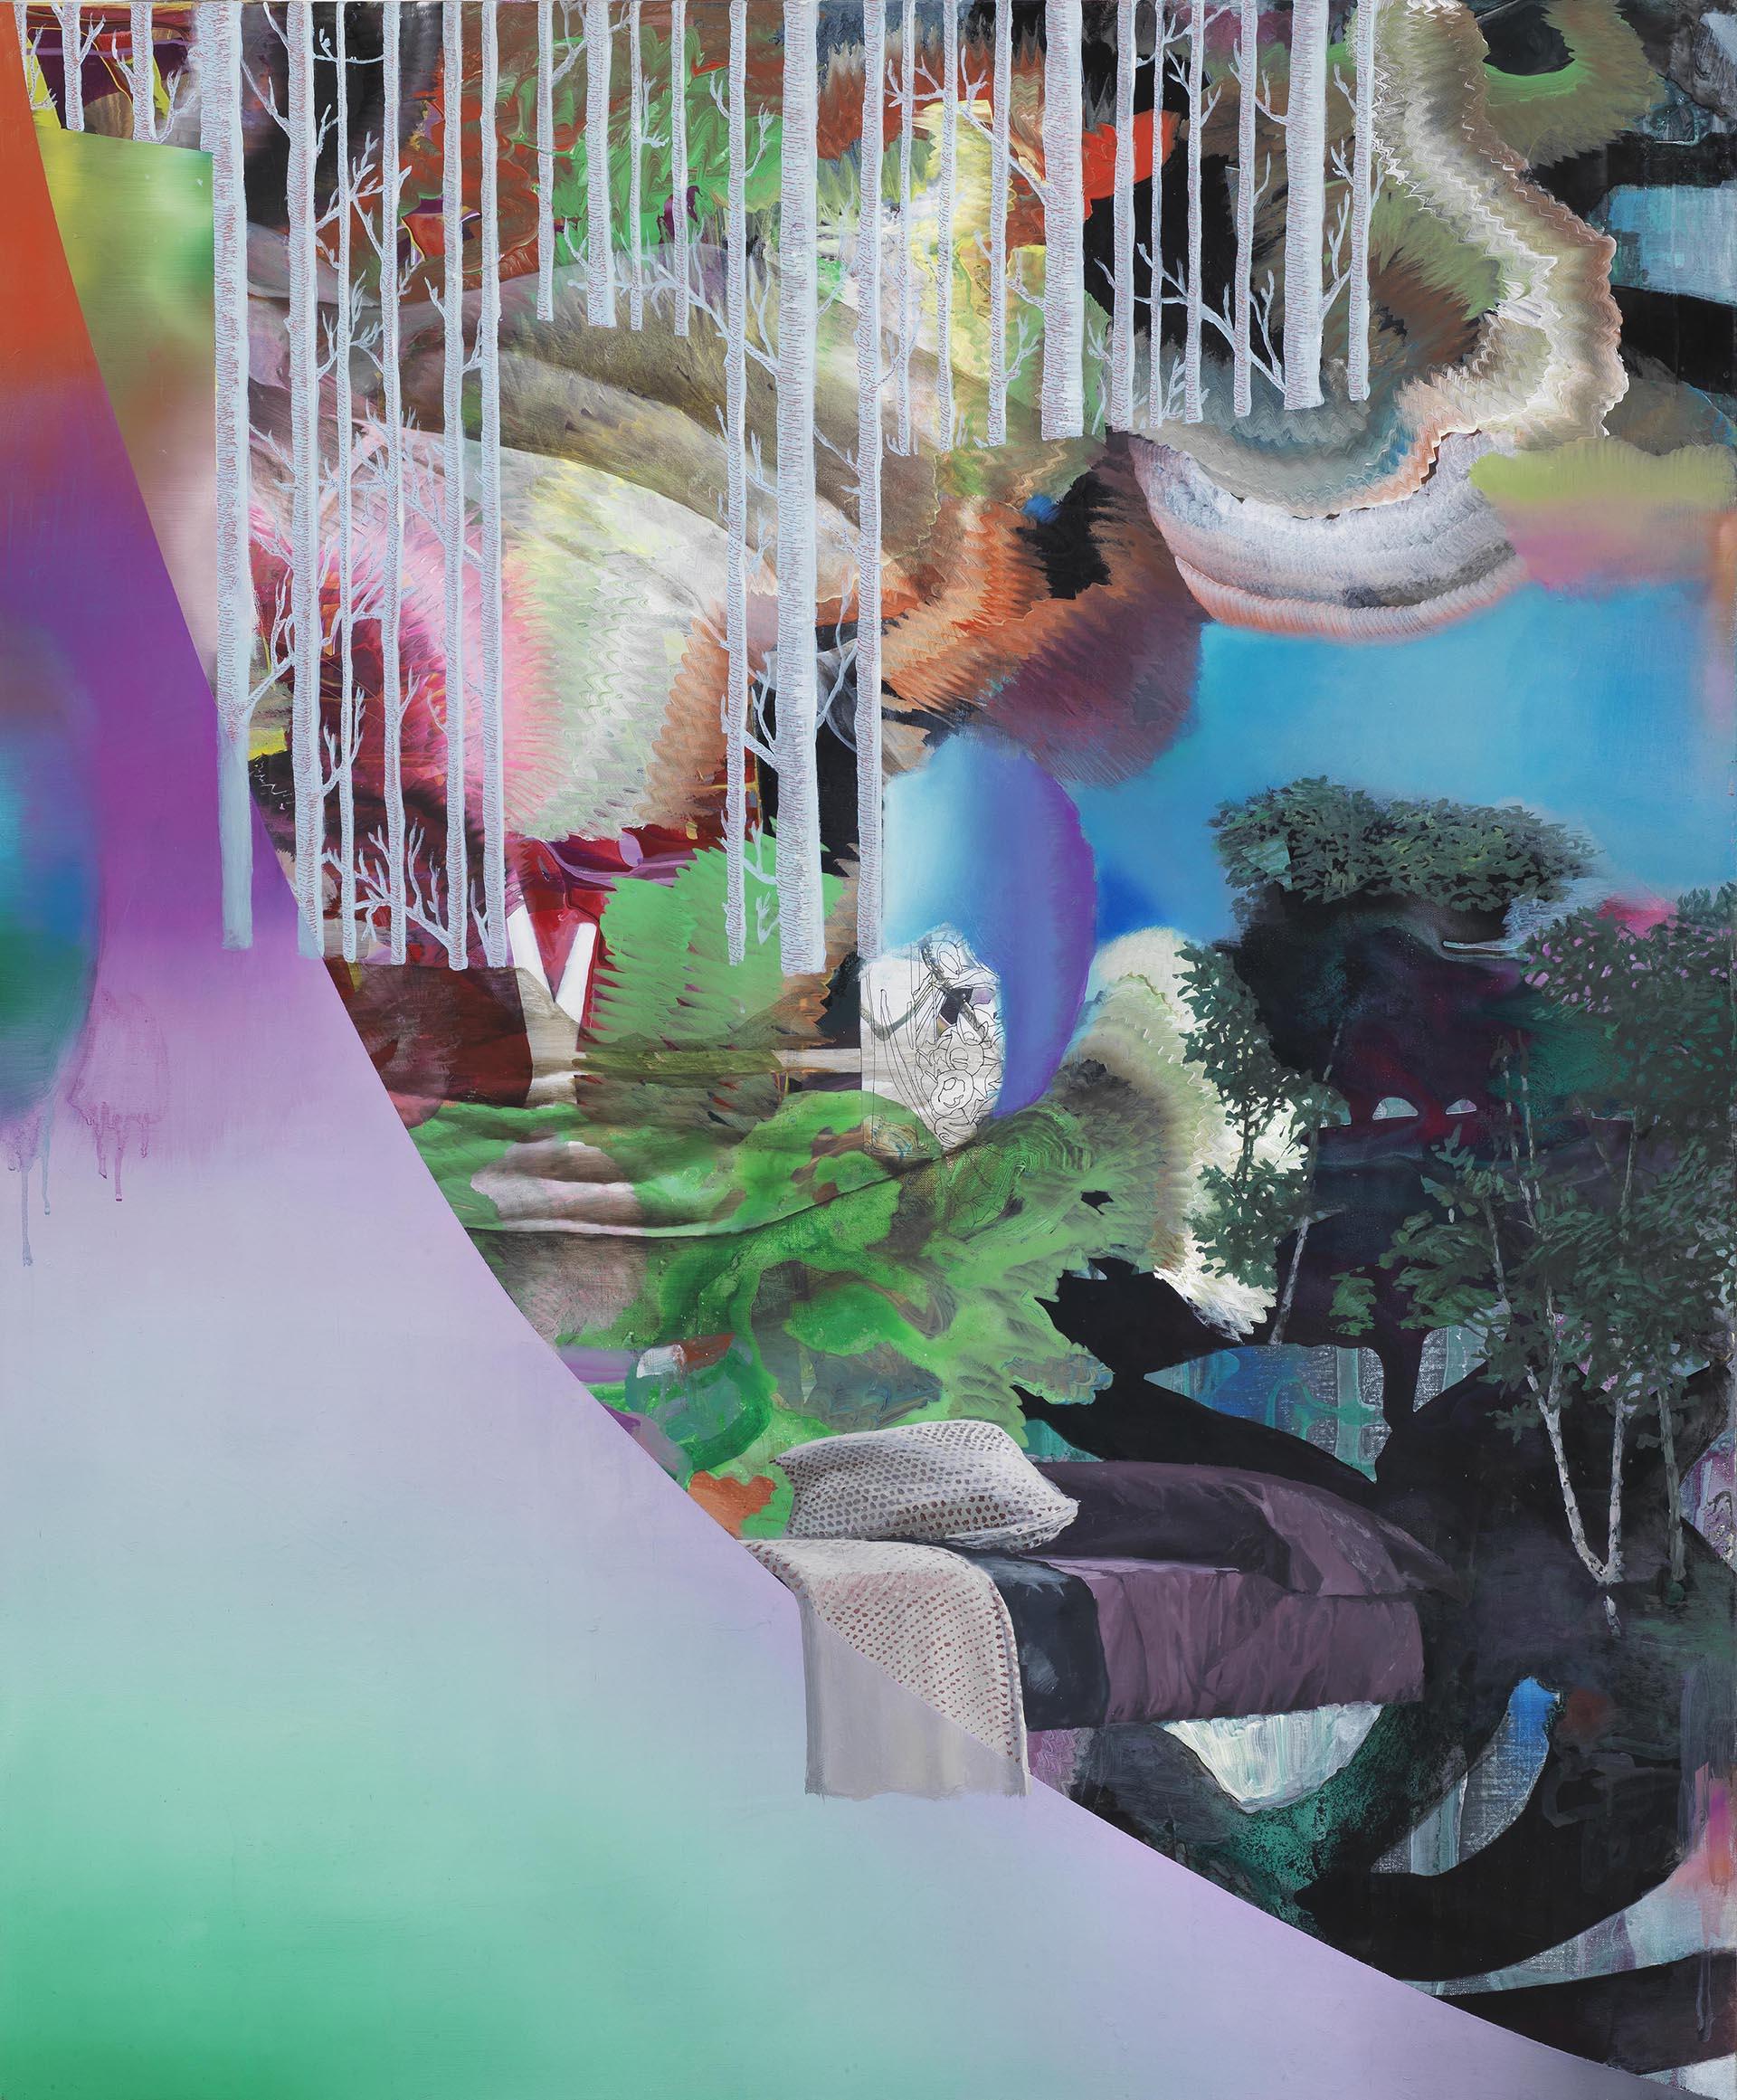 Pontrelli, Senza titolo, 2017, 110x90 cm